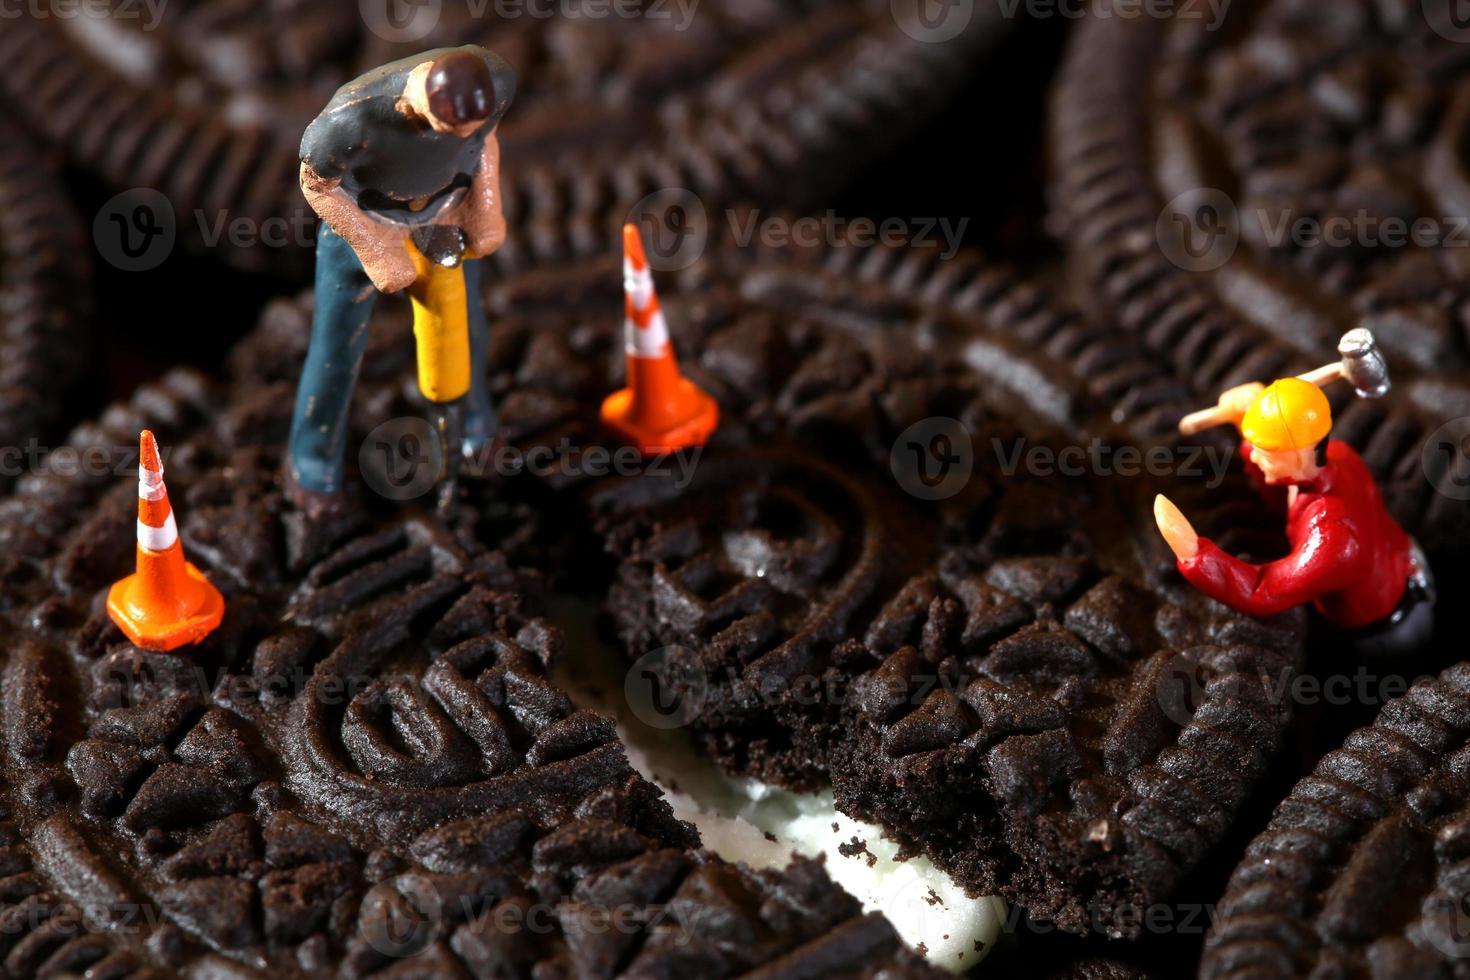 lavoratori edili in immagini concettuali con i cookie foto